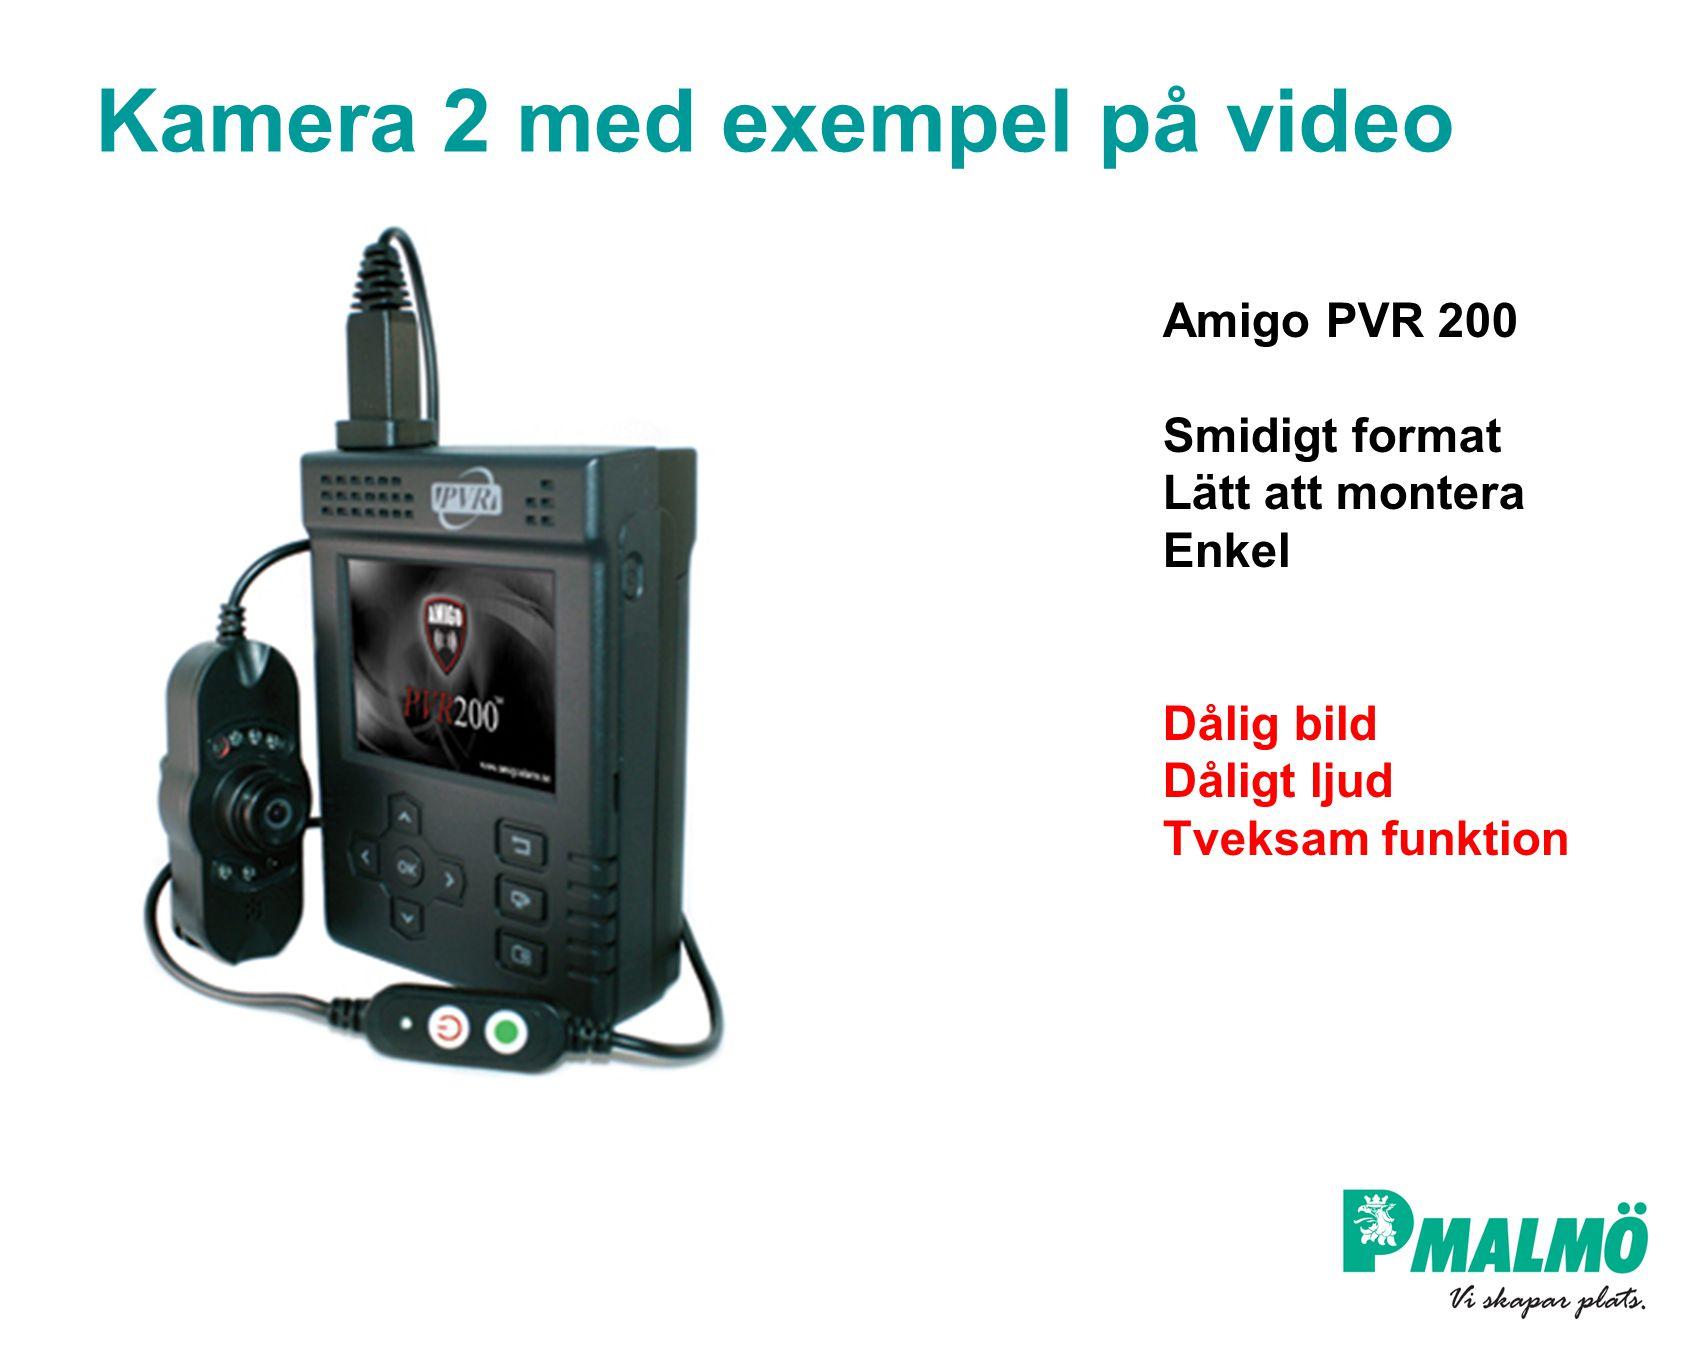 Kamera 2 med exempel på video Amigo PVR 200 Smidigt format Lätt att montera Enkel Dålig bild Dåligt ljud Tveksam funktion